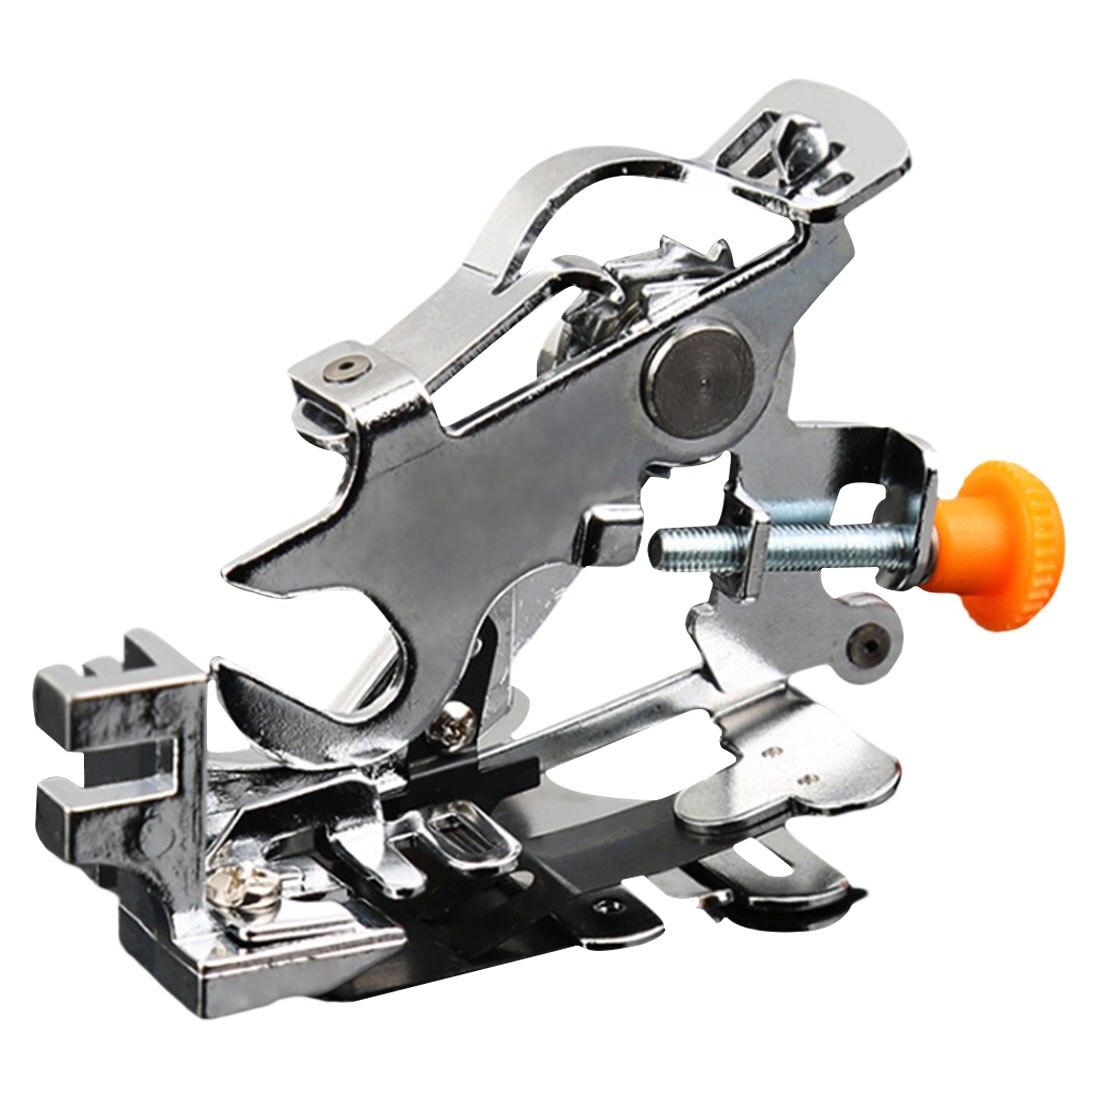 Prensatelas de pie prensatelas plisadas de caña baja, prensatelas para el hogar, accesorios para máquinas de coser